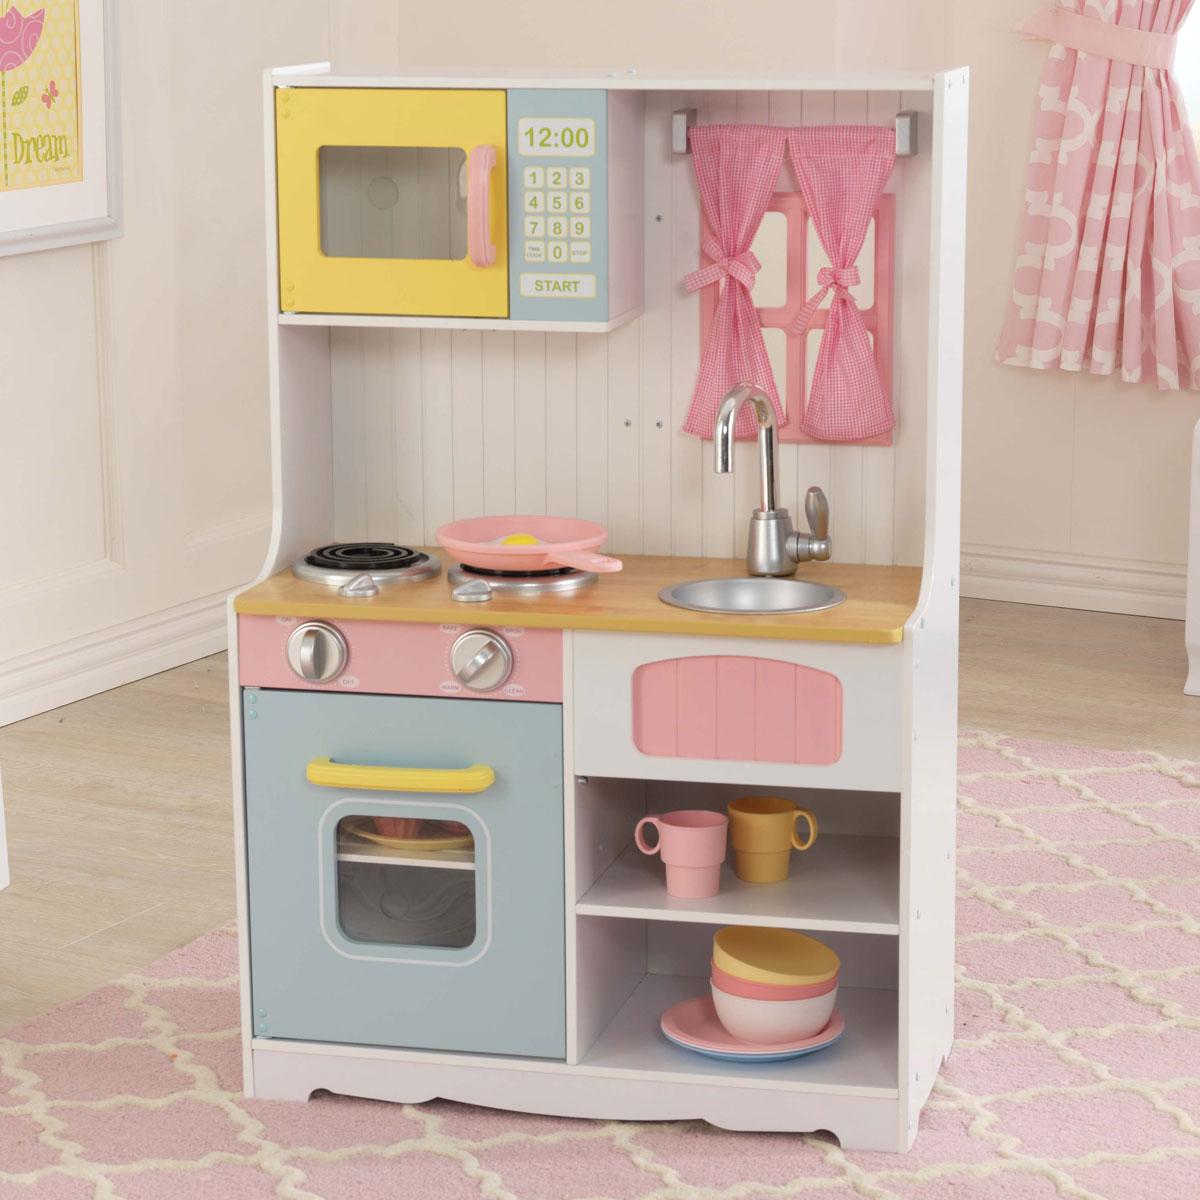 kidkraft pastell landküche aus holz - 53354 - pirum - Land Küche